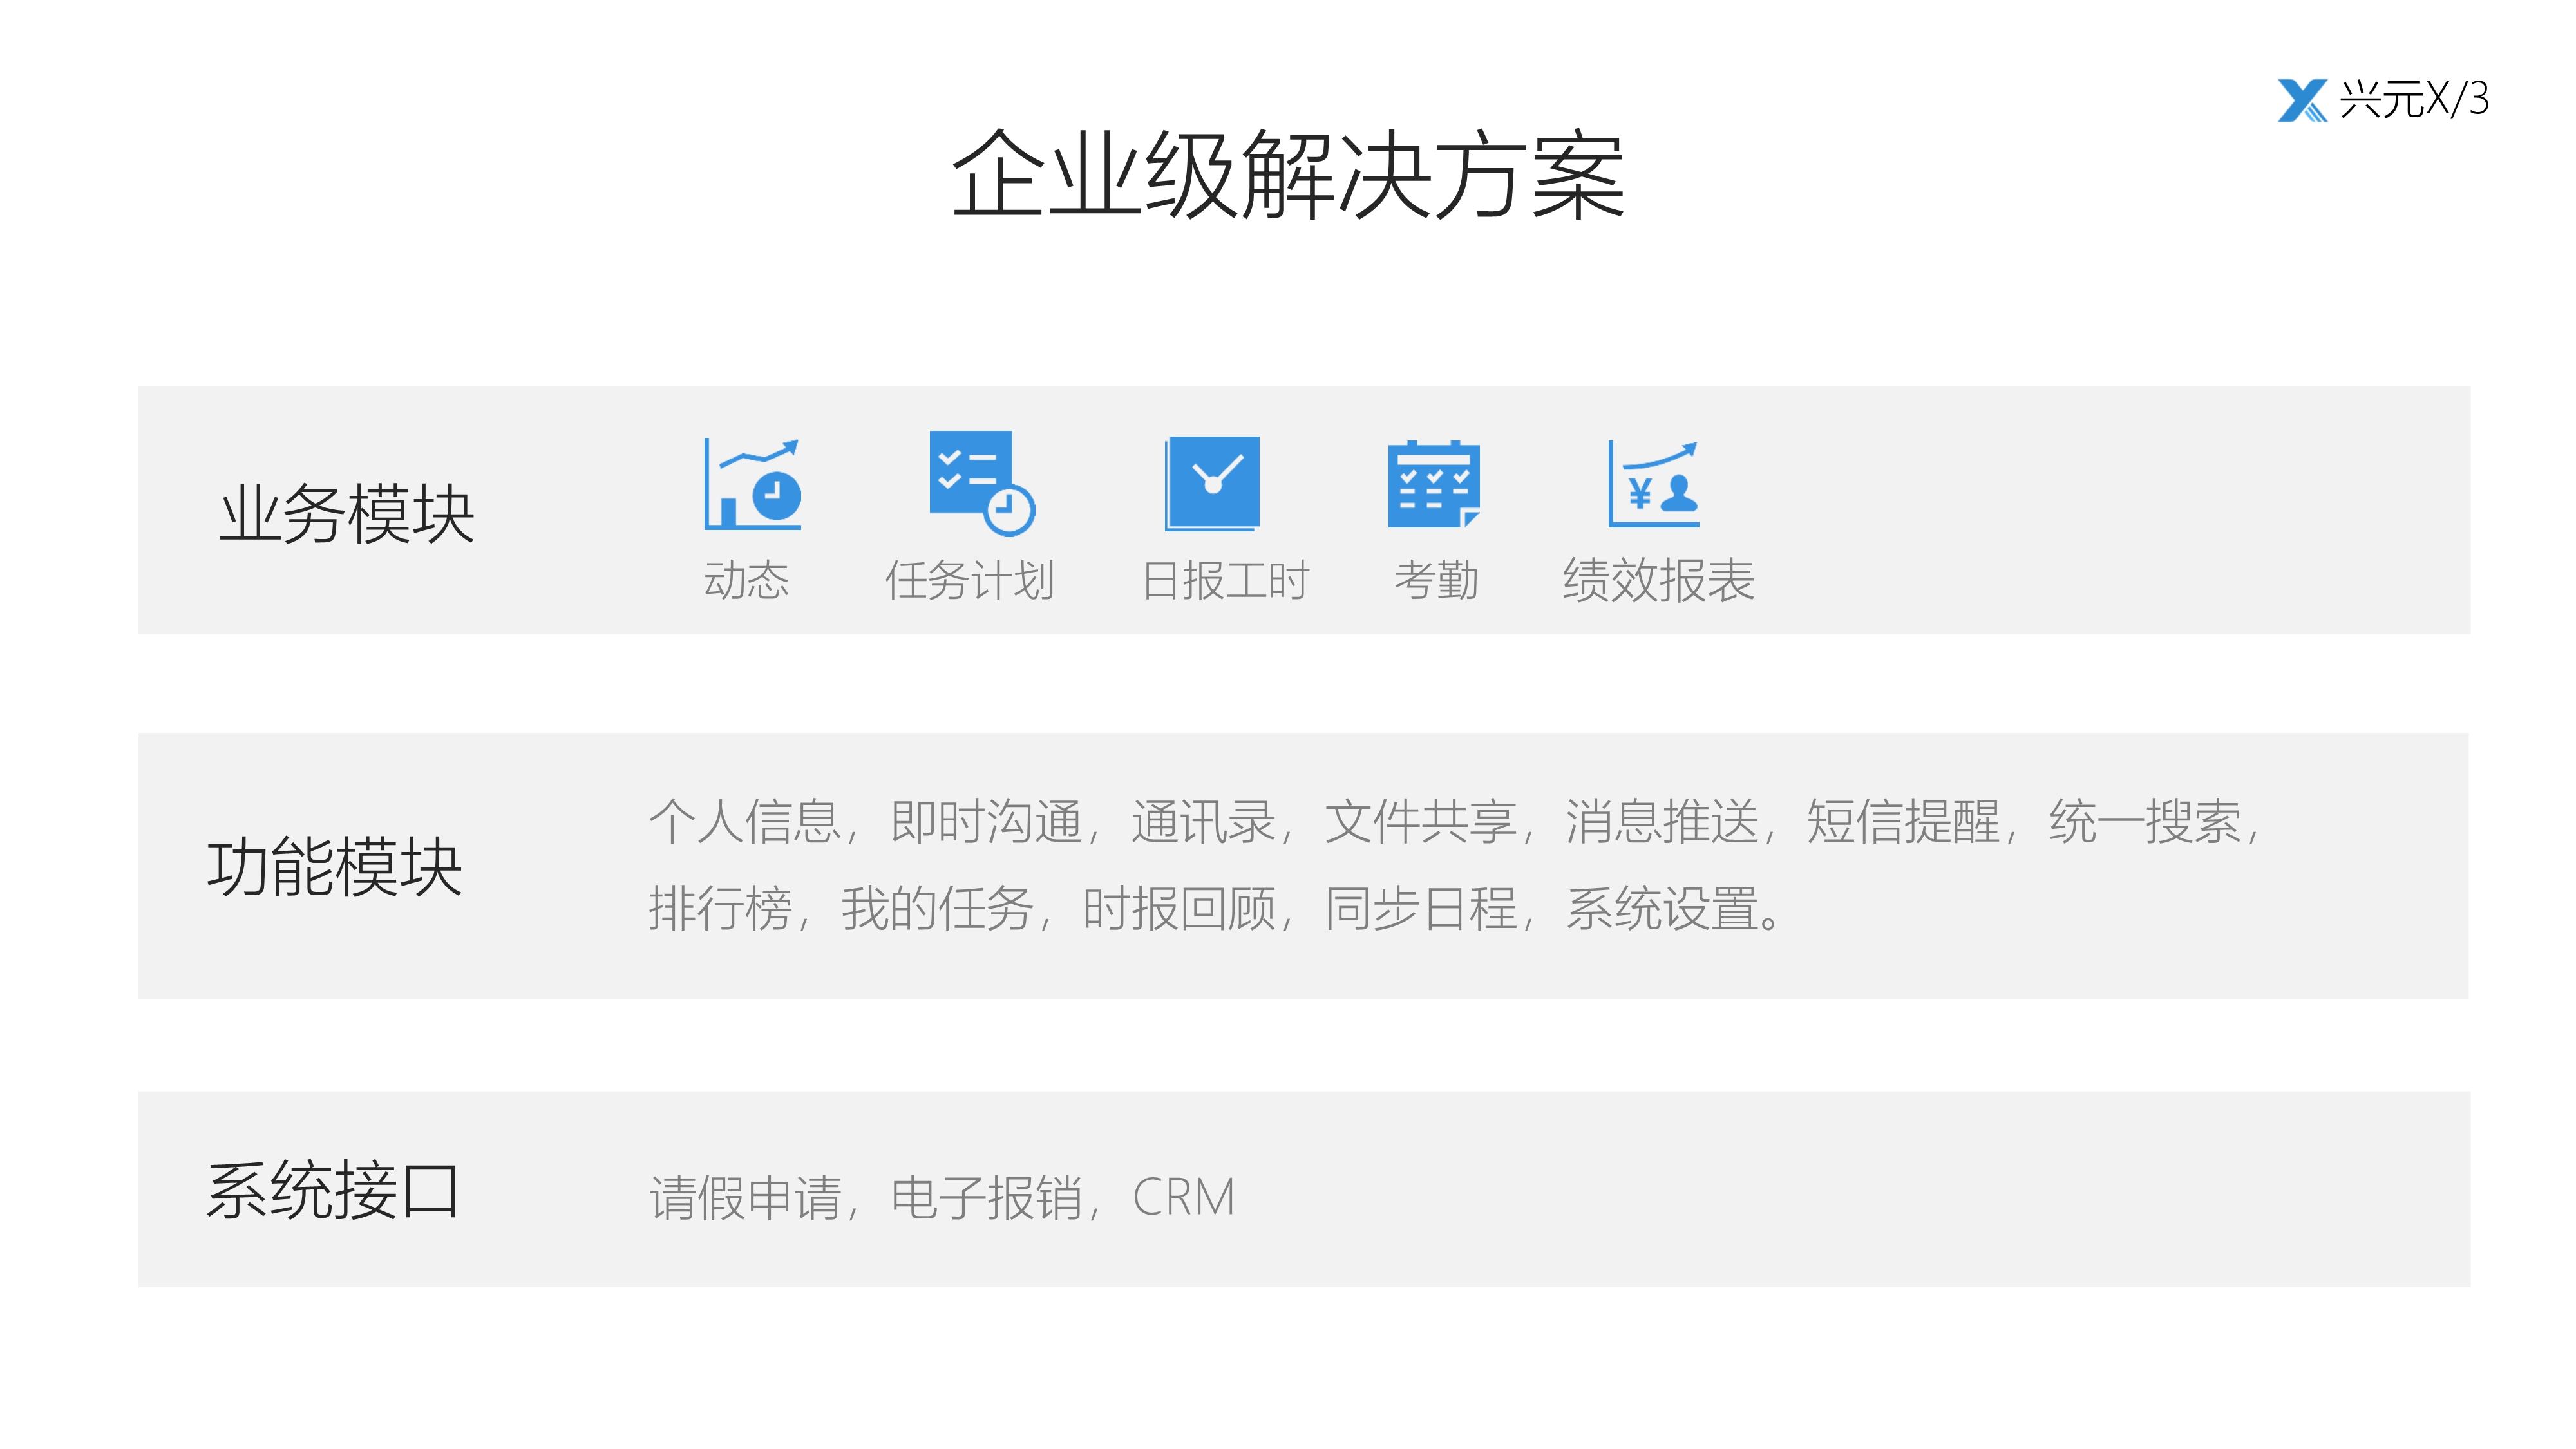 011809420157_0兴元移动协同办公_6.Jpeg